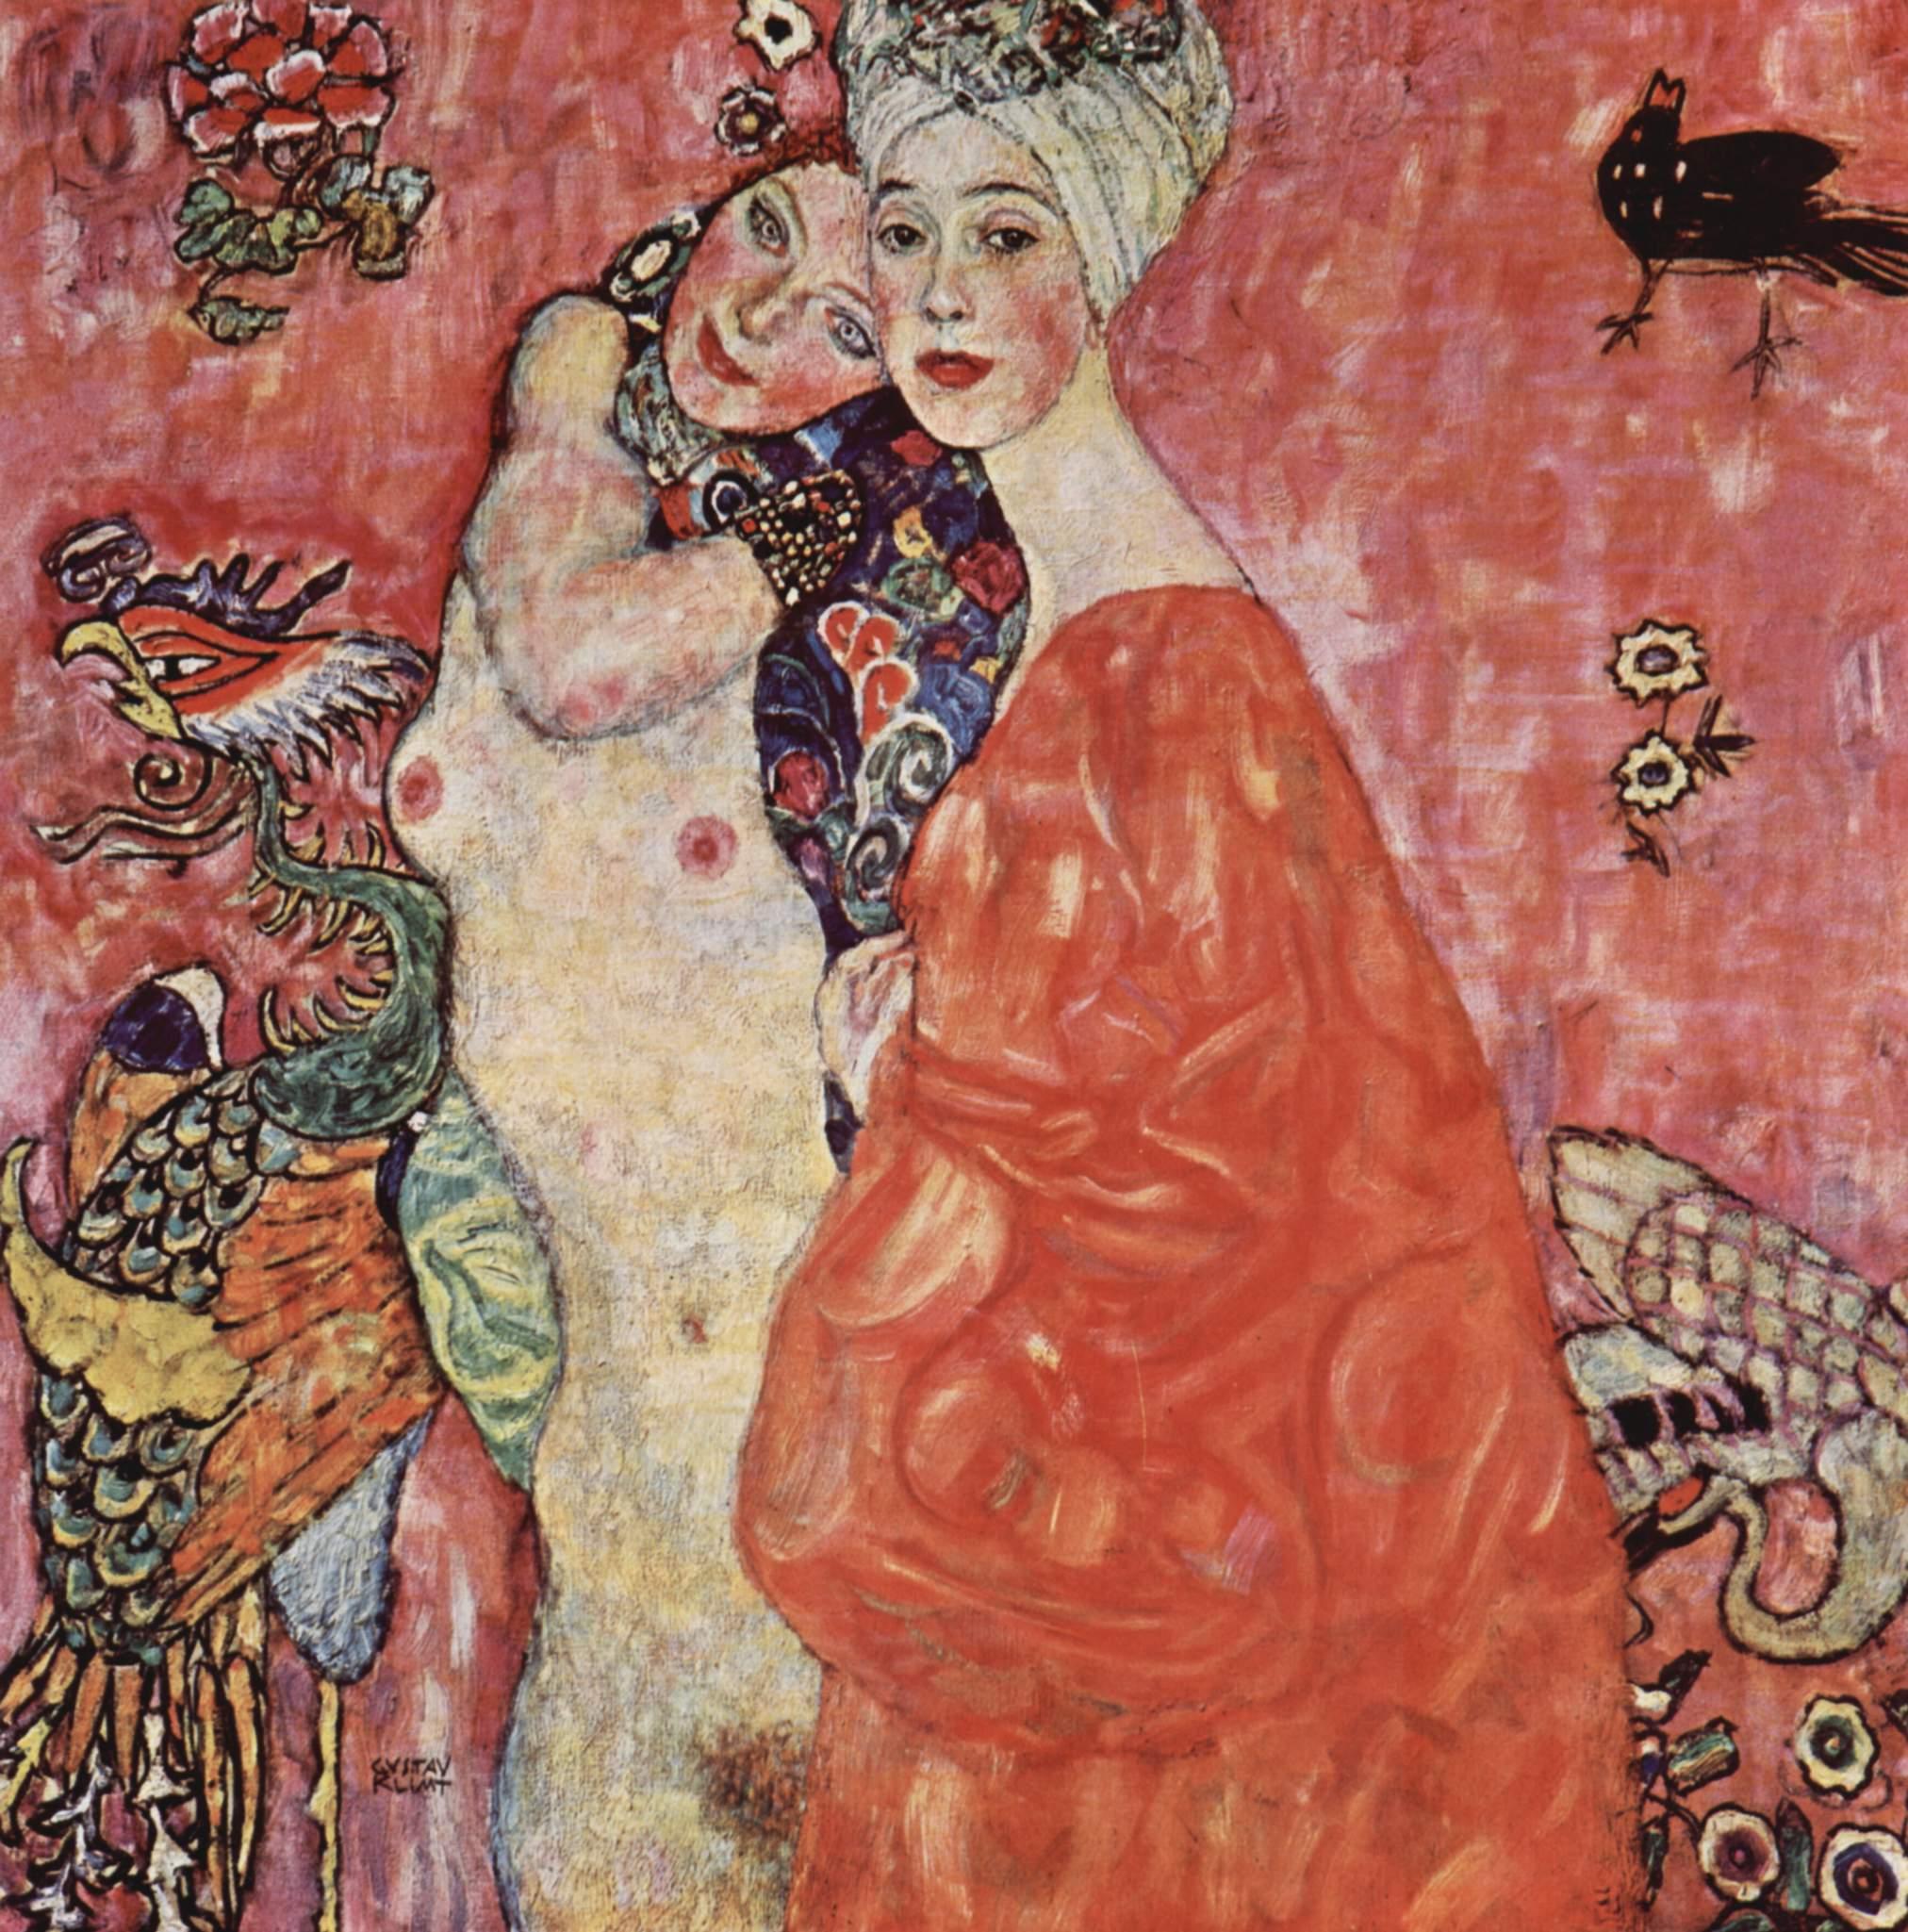 https://i2.wp.com/upload.wikimedia.org/wikipedia/commons/c/cd/Gustav_Klimt_021.jpg